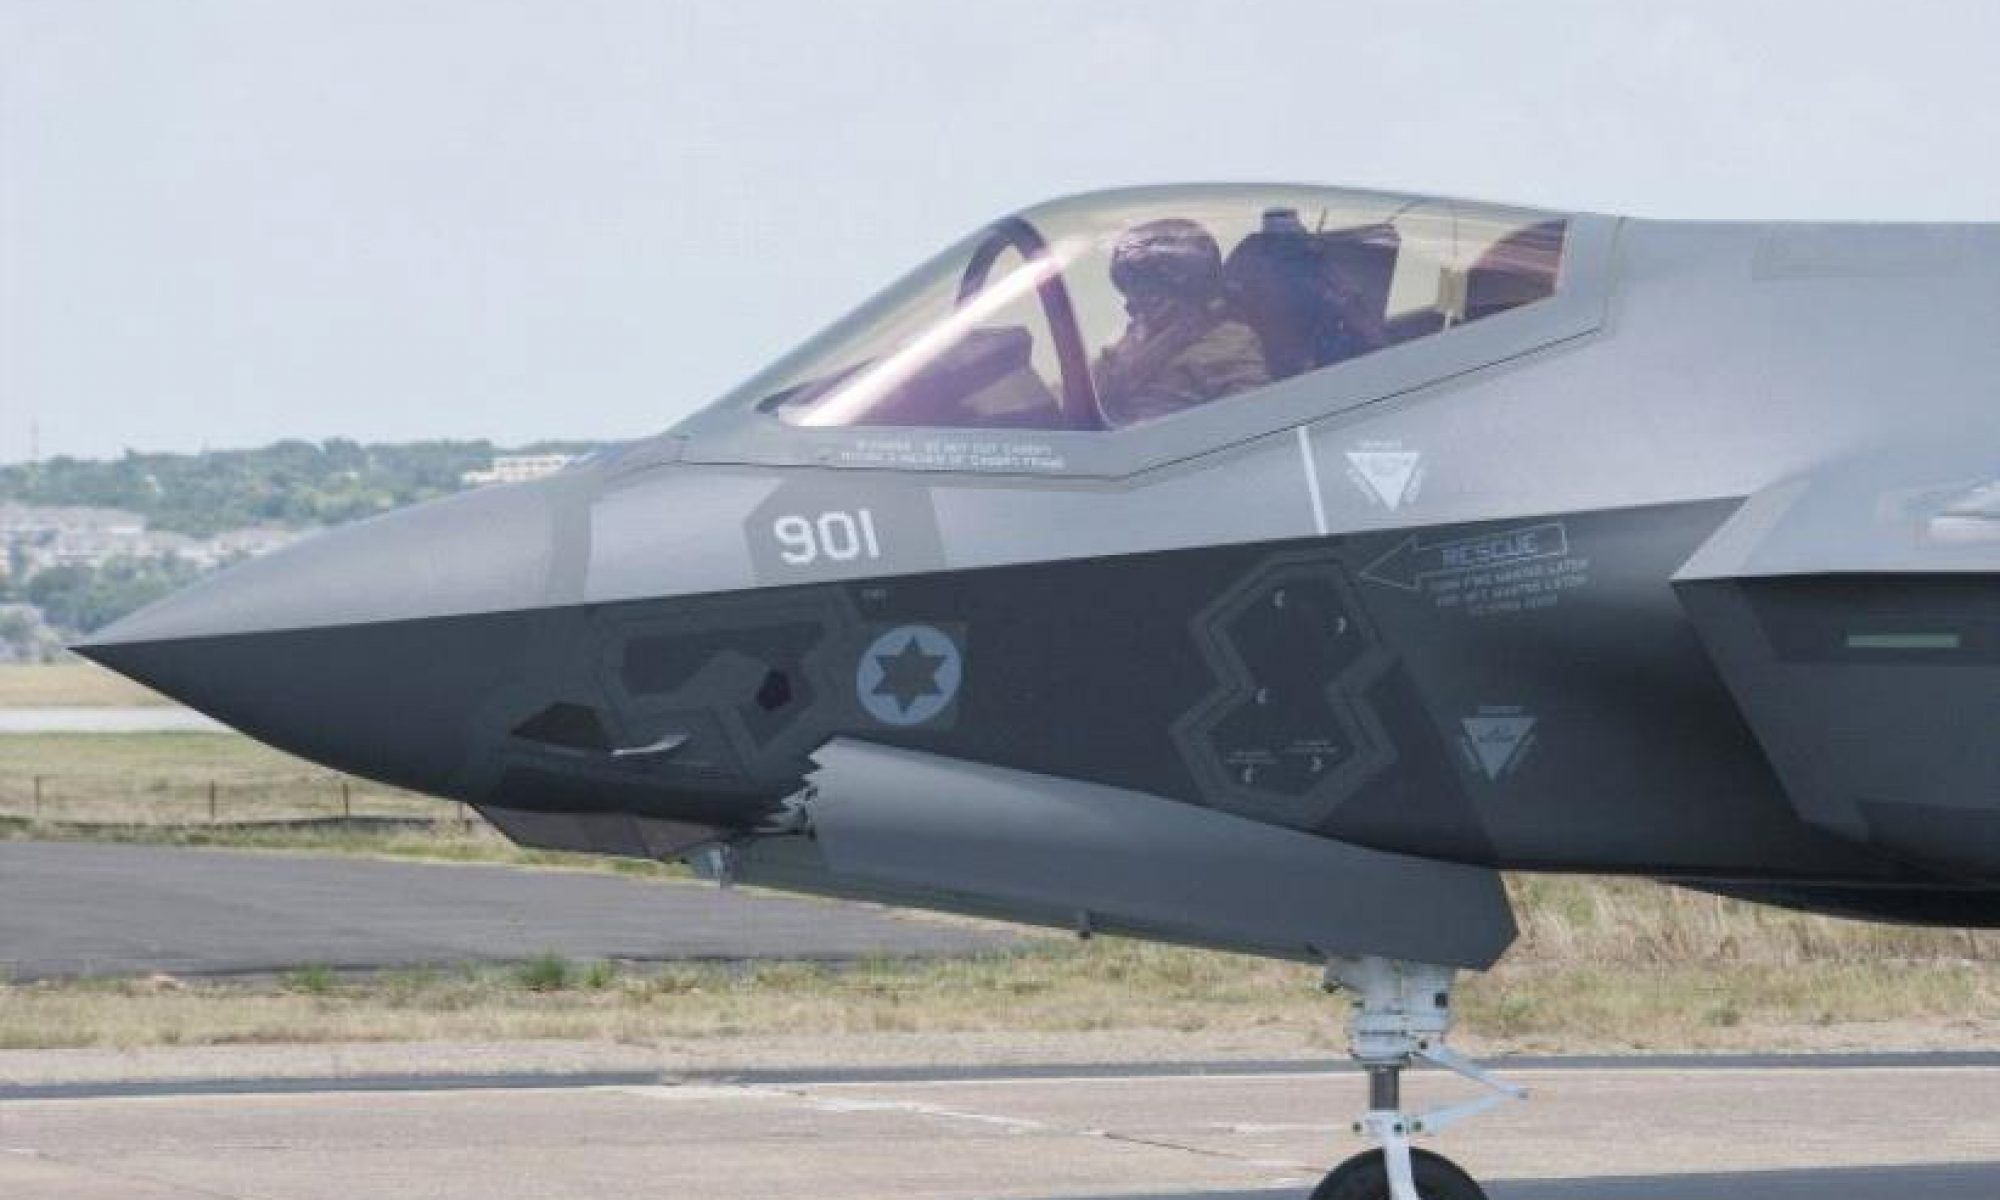 İsrail Savunma Bakanı Gantz: F-35 uçak filomozu genişletmek istiyoruz